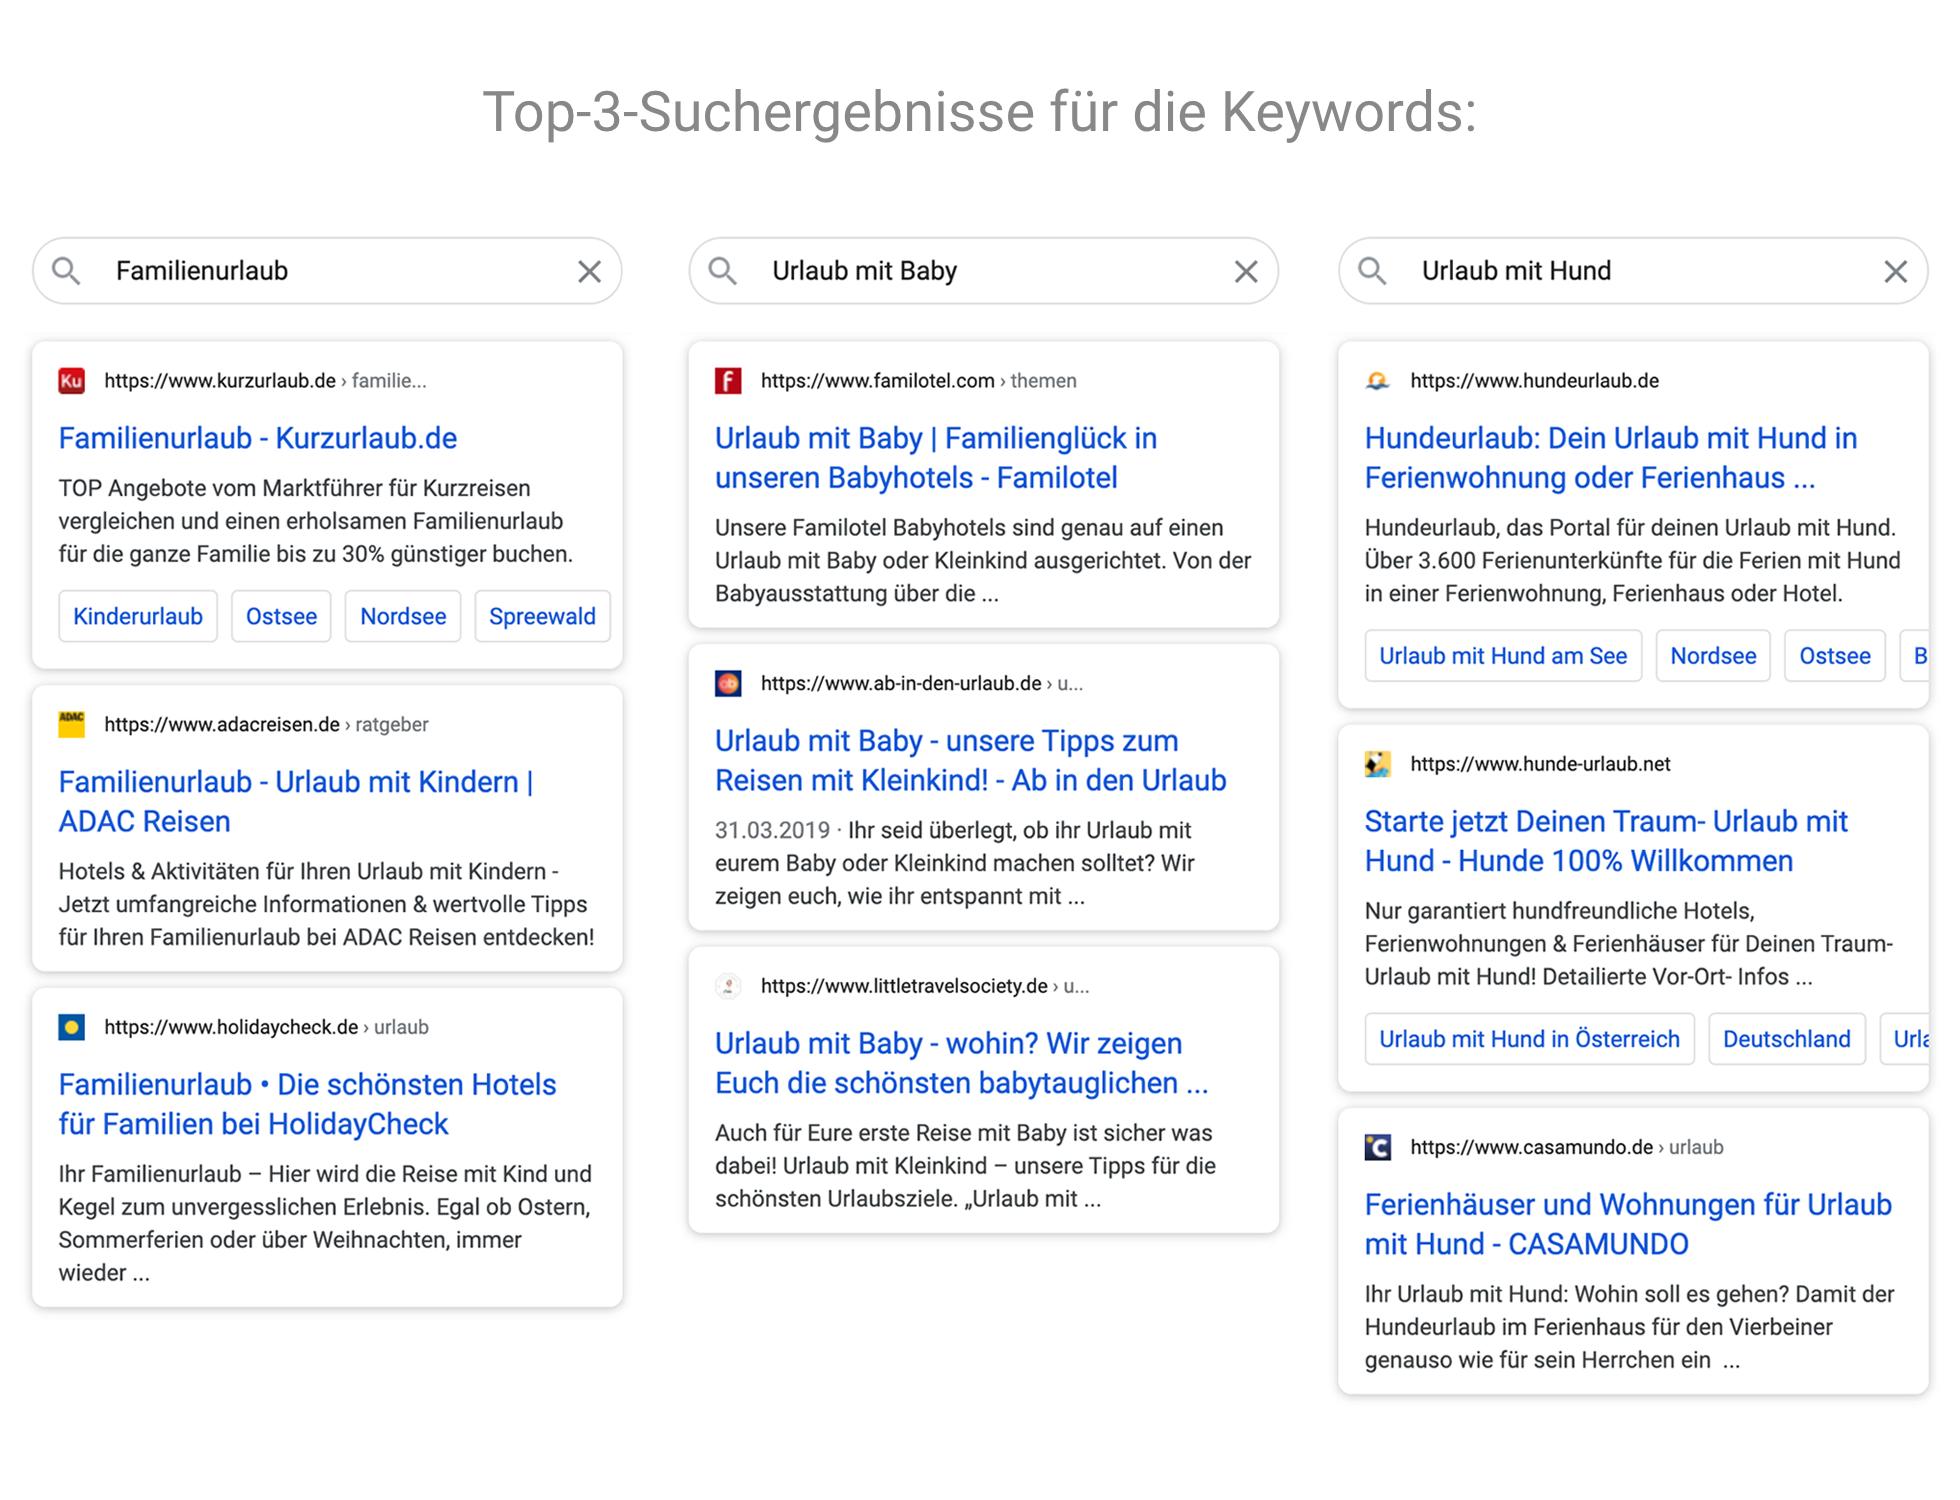 """Zeigt die Top-3-Suchergebnisse für die Keywords """"Familienurlaub"""", """"Urlaub mit Baby"""" und """"Urlaub mit Hund"""" in den Google-Suchergebnissen an."""